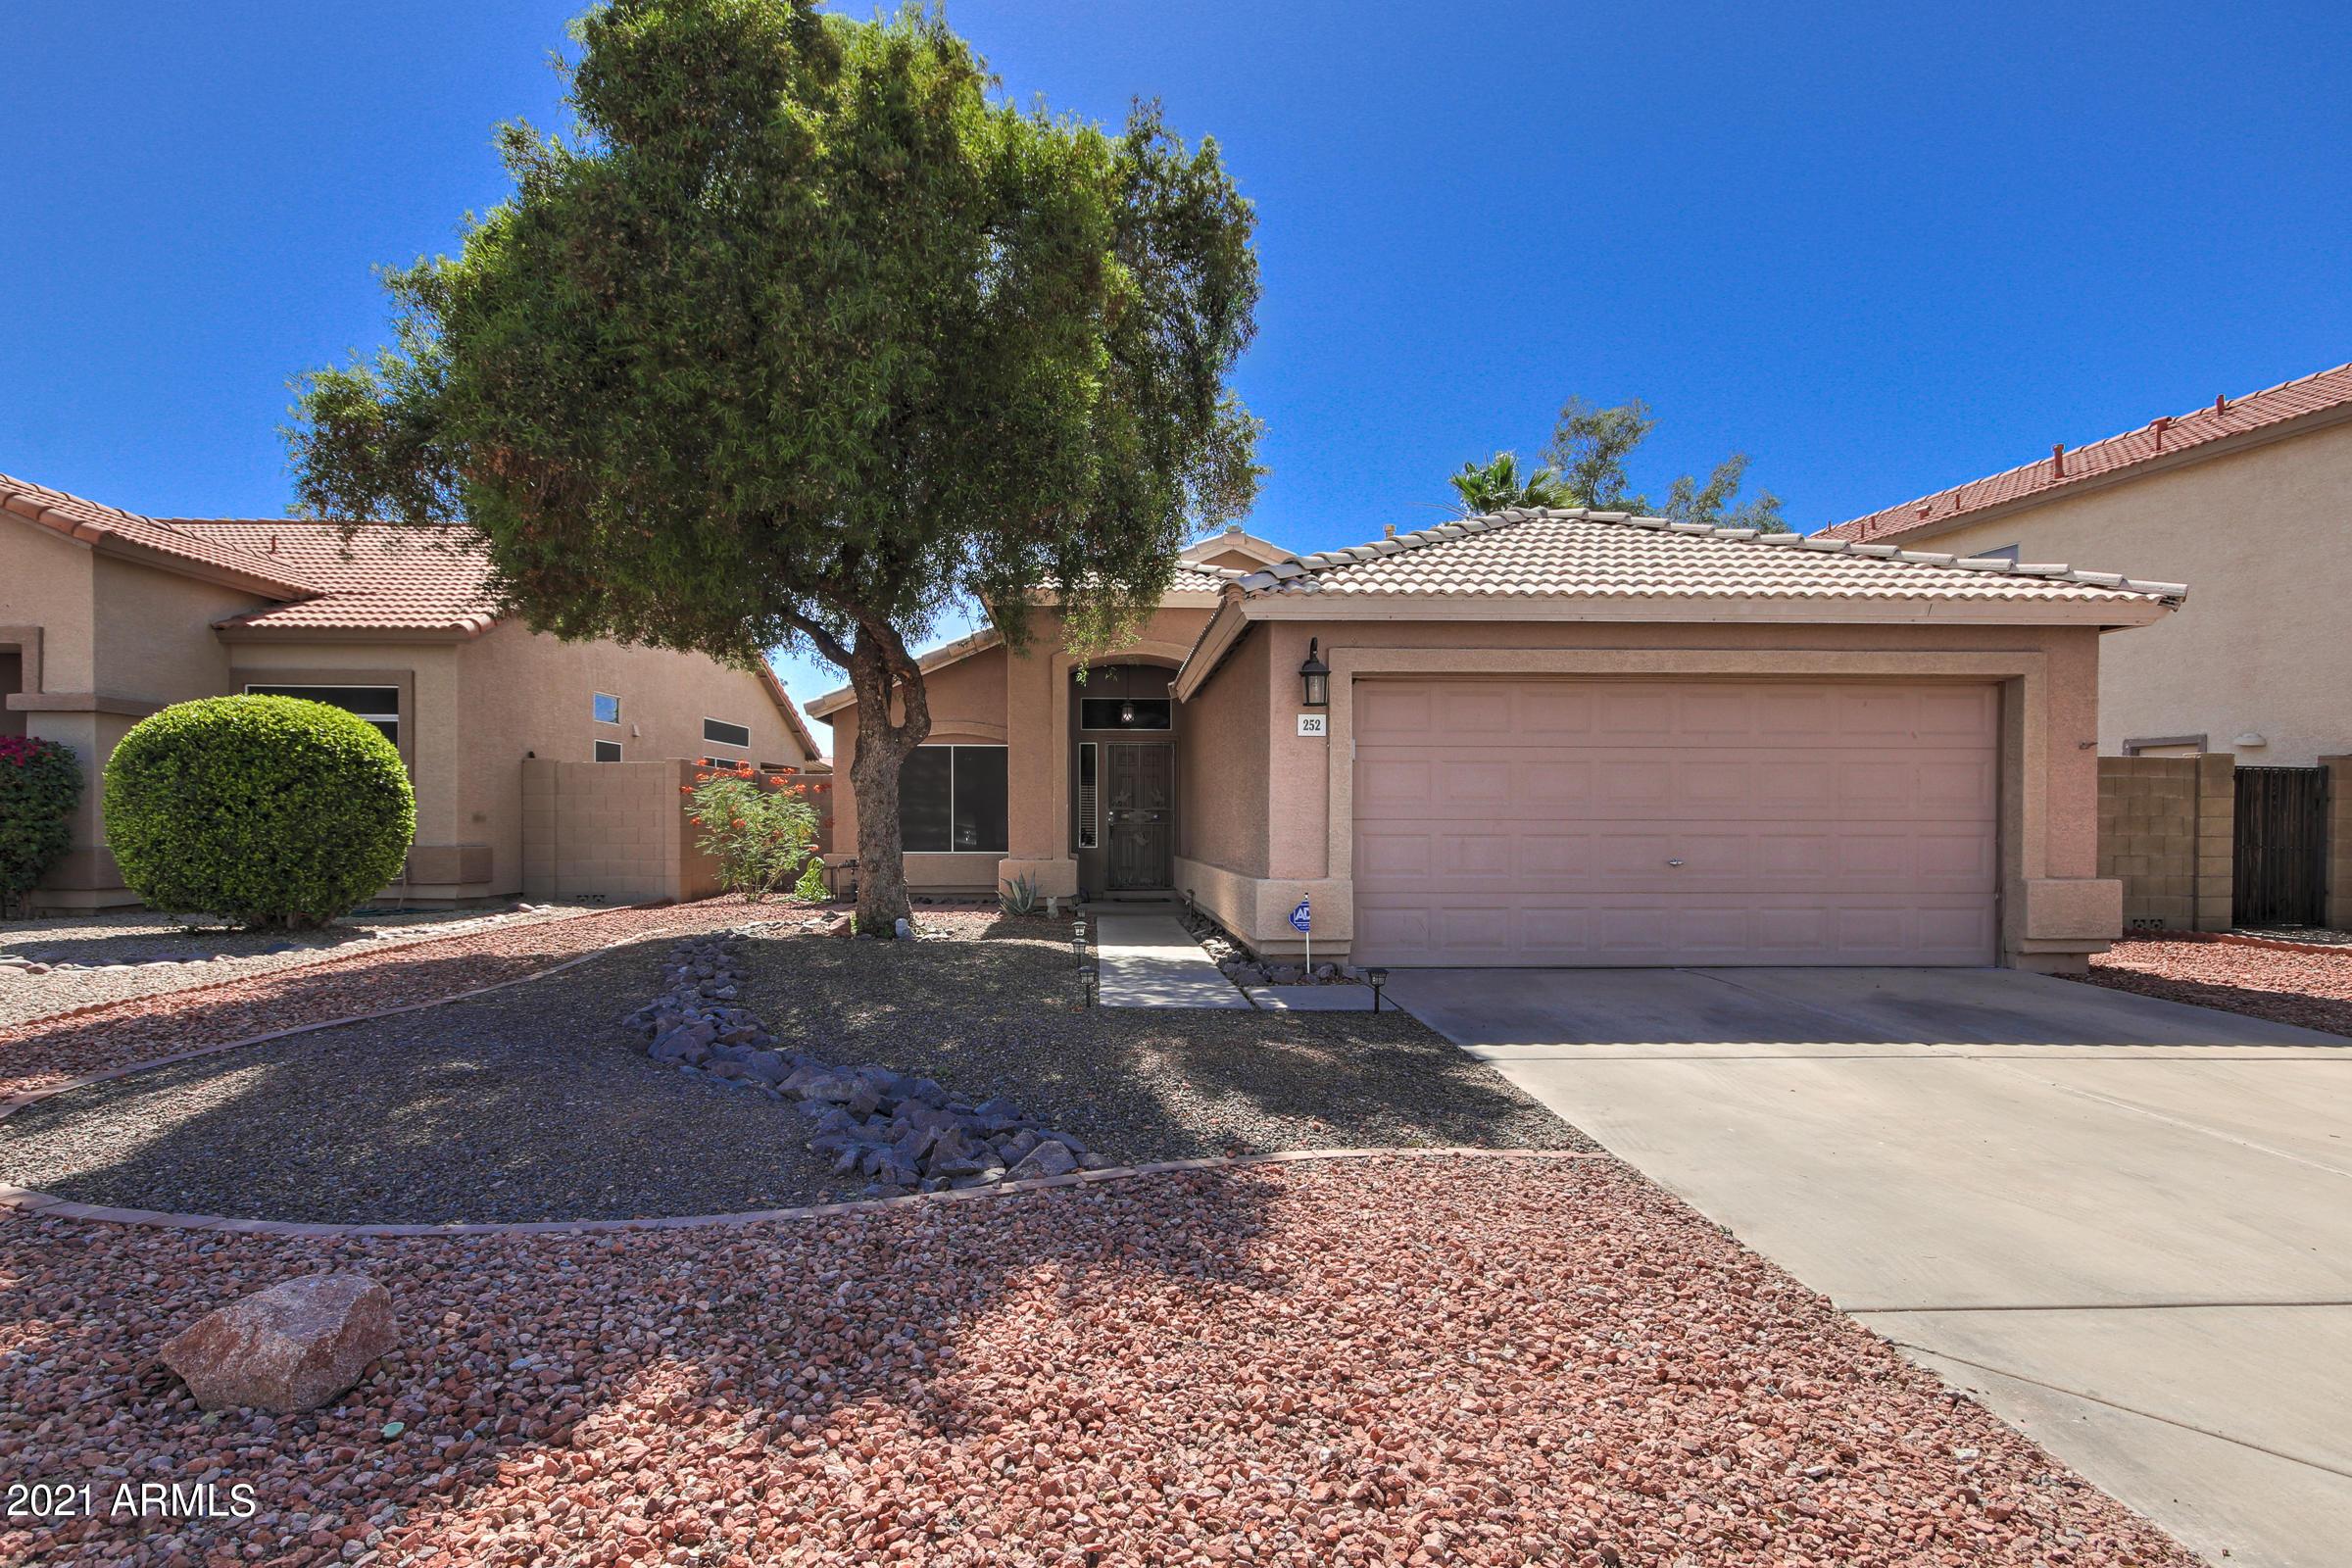 252 Rock Street, Gilbert, Arizona 85234, 3 Bedrooms Bedrooms, ,2 BathroomsBathrooms,Residential,For Sale,Rock,6241384